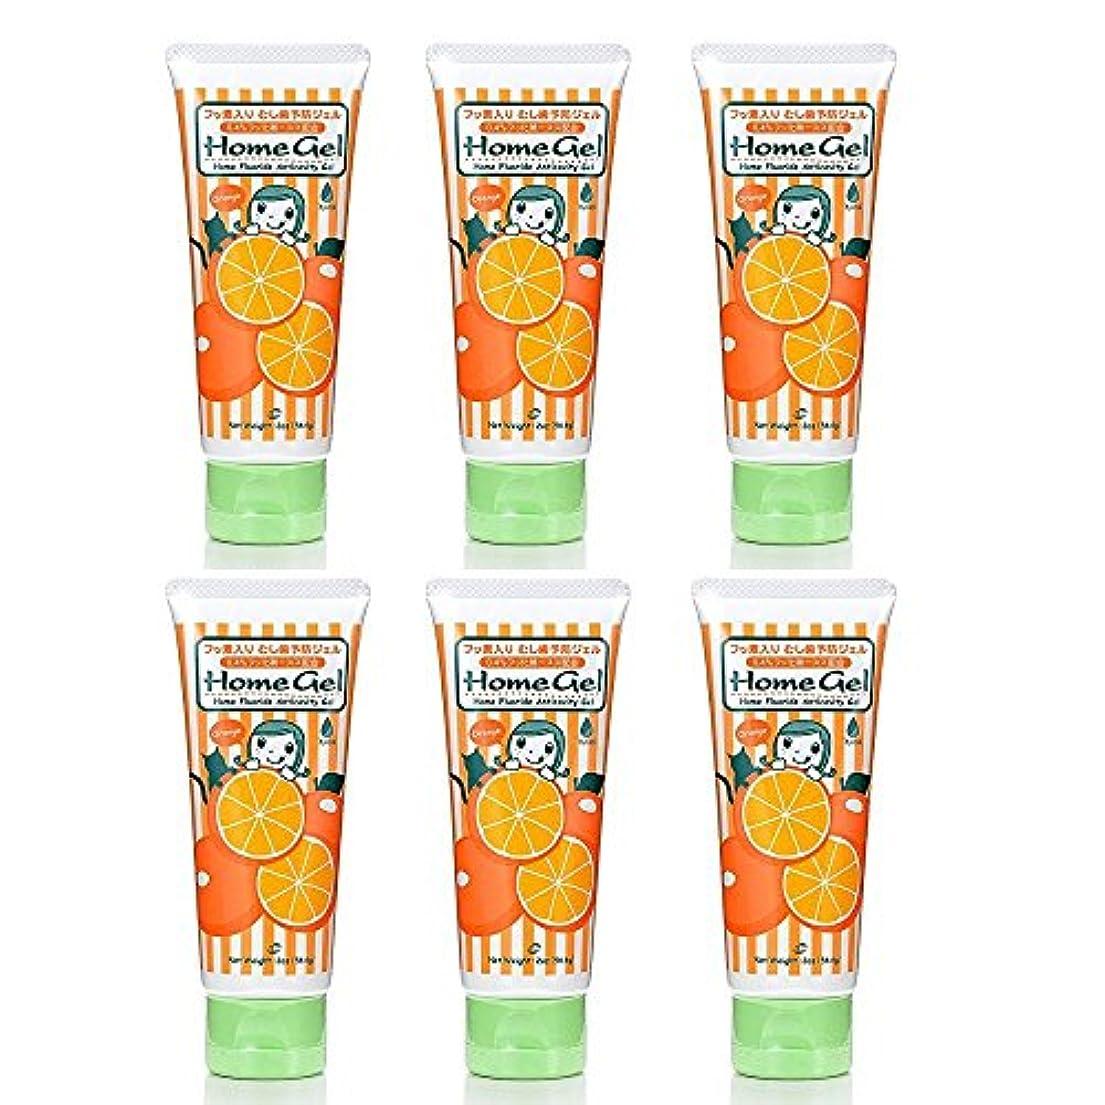 ブラザー有効化実験的塗って寝るだけ オーラルケア ホームジェル (フッ素+キシリトール) 56.6g オレンジ 6個セット